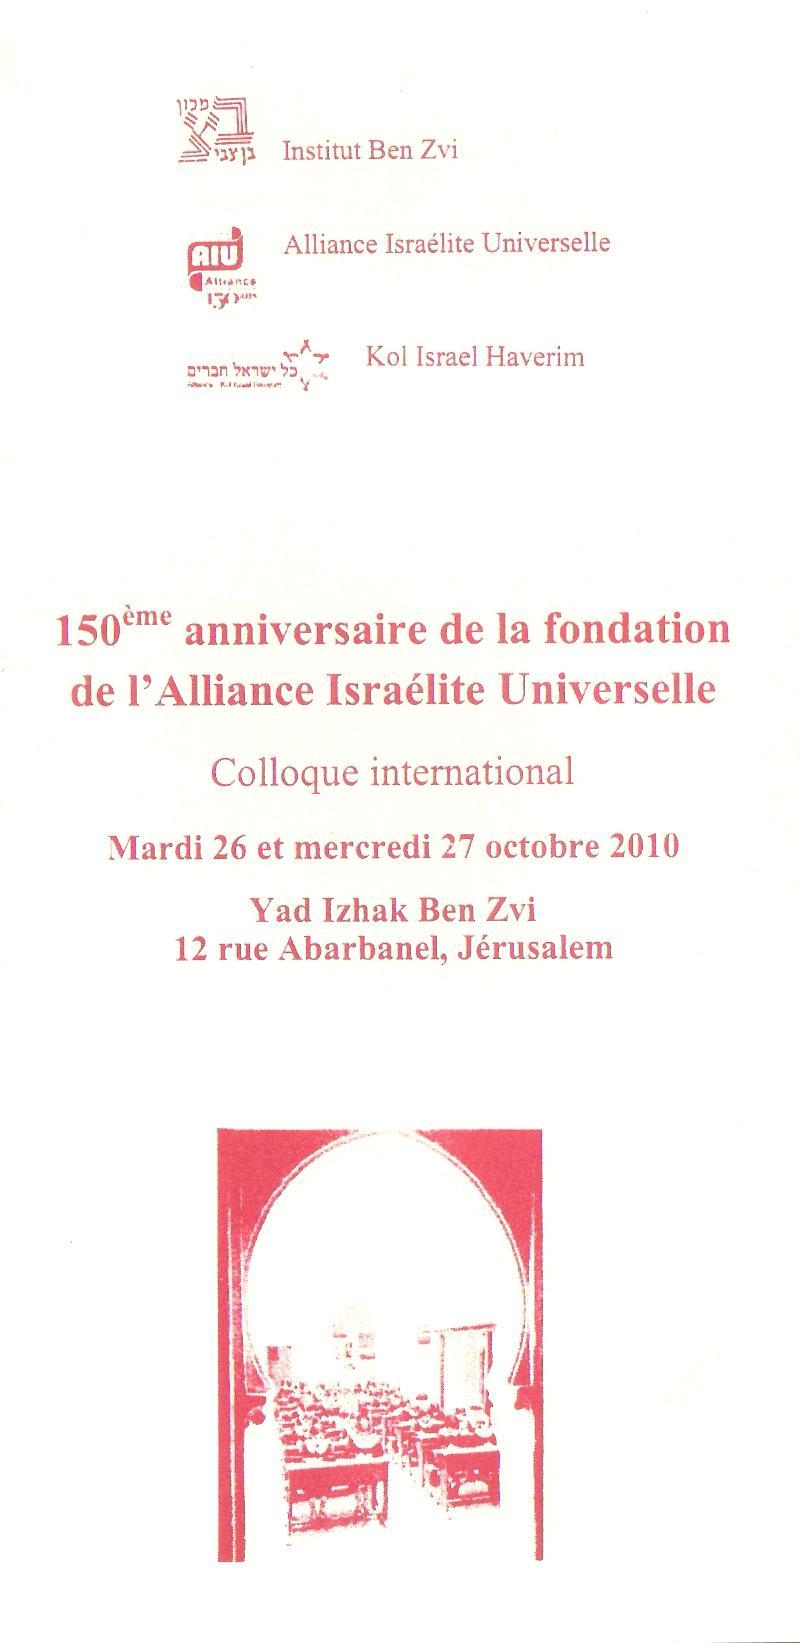 COLLOQUE MONDIAL DE L'ALLIANCE ISRAELITE UNIVERSELLE A JERUSALEM LE 26 ET 27 OCTOBRE 2010 Z_58510